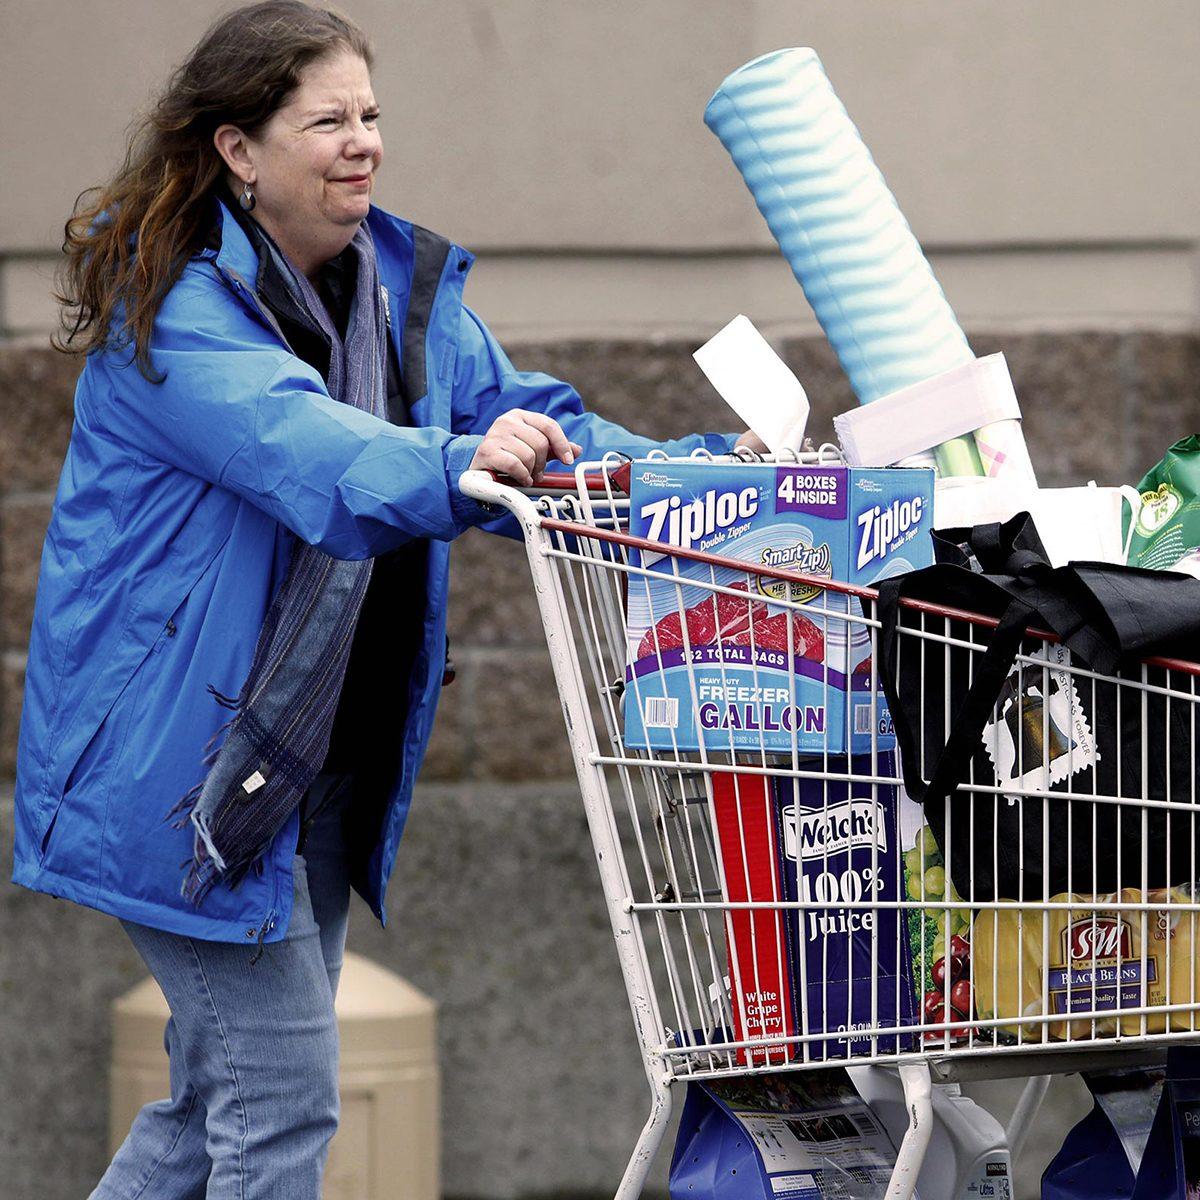 Pushing Costco cart